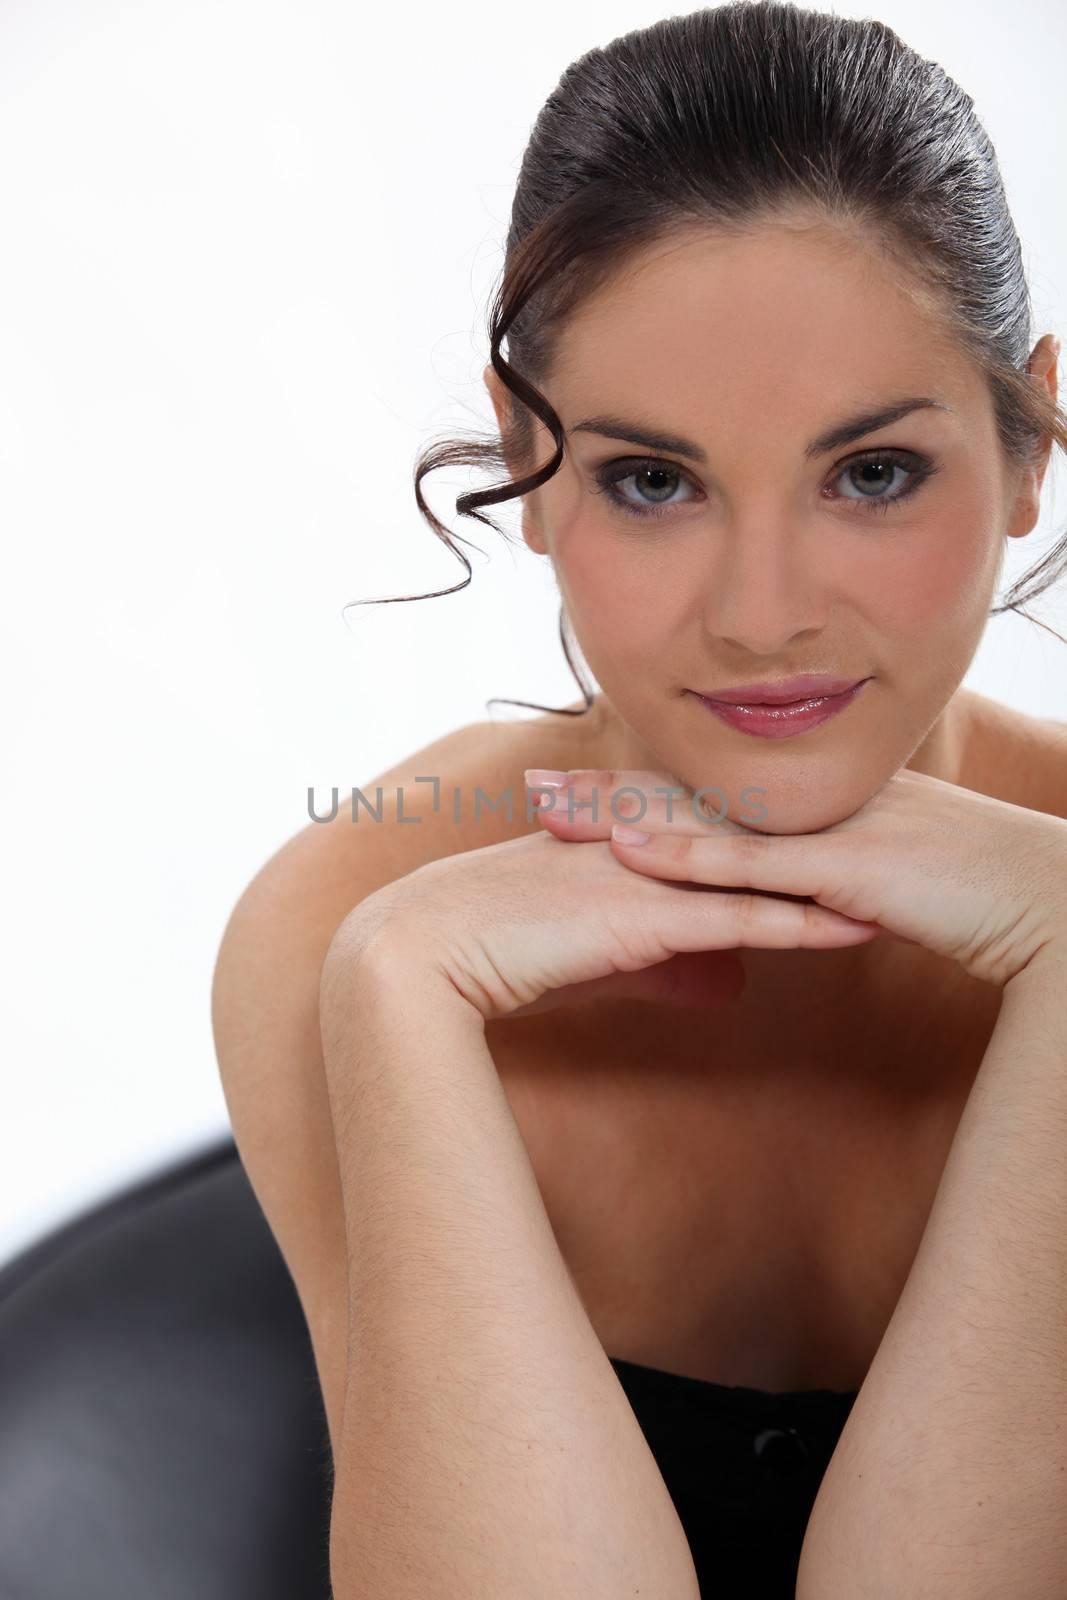 Brunette beauty